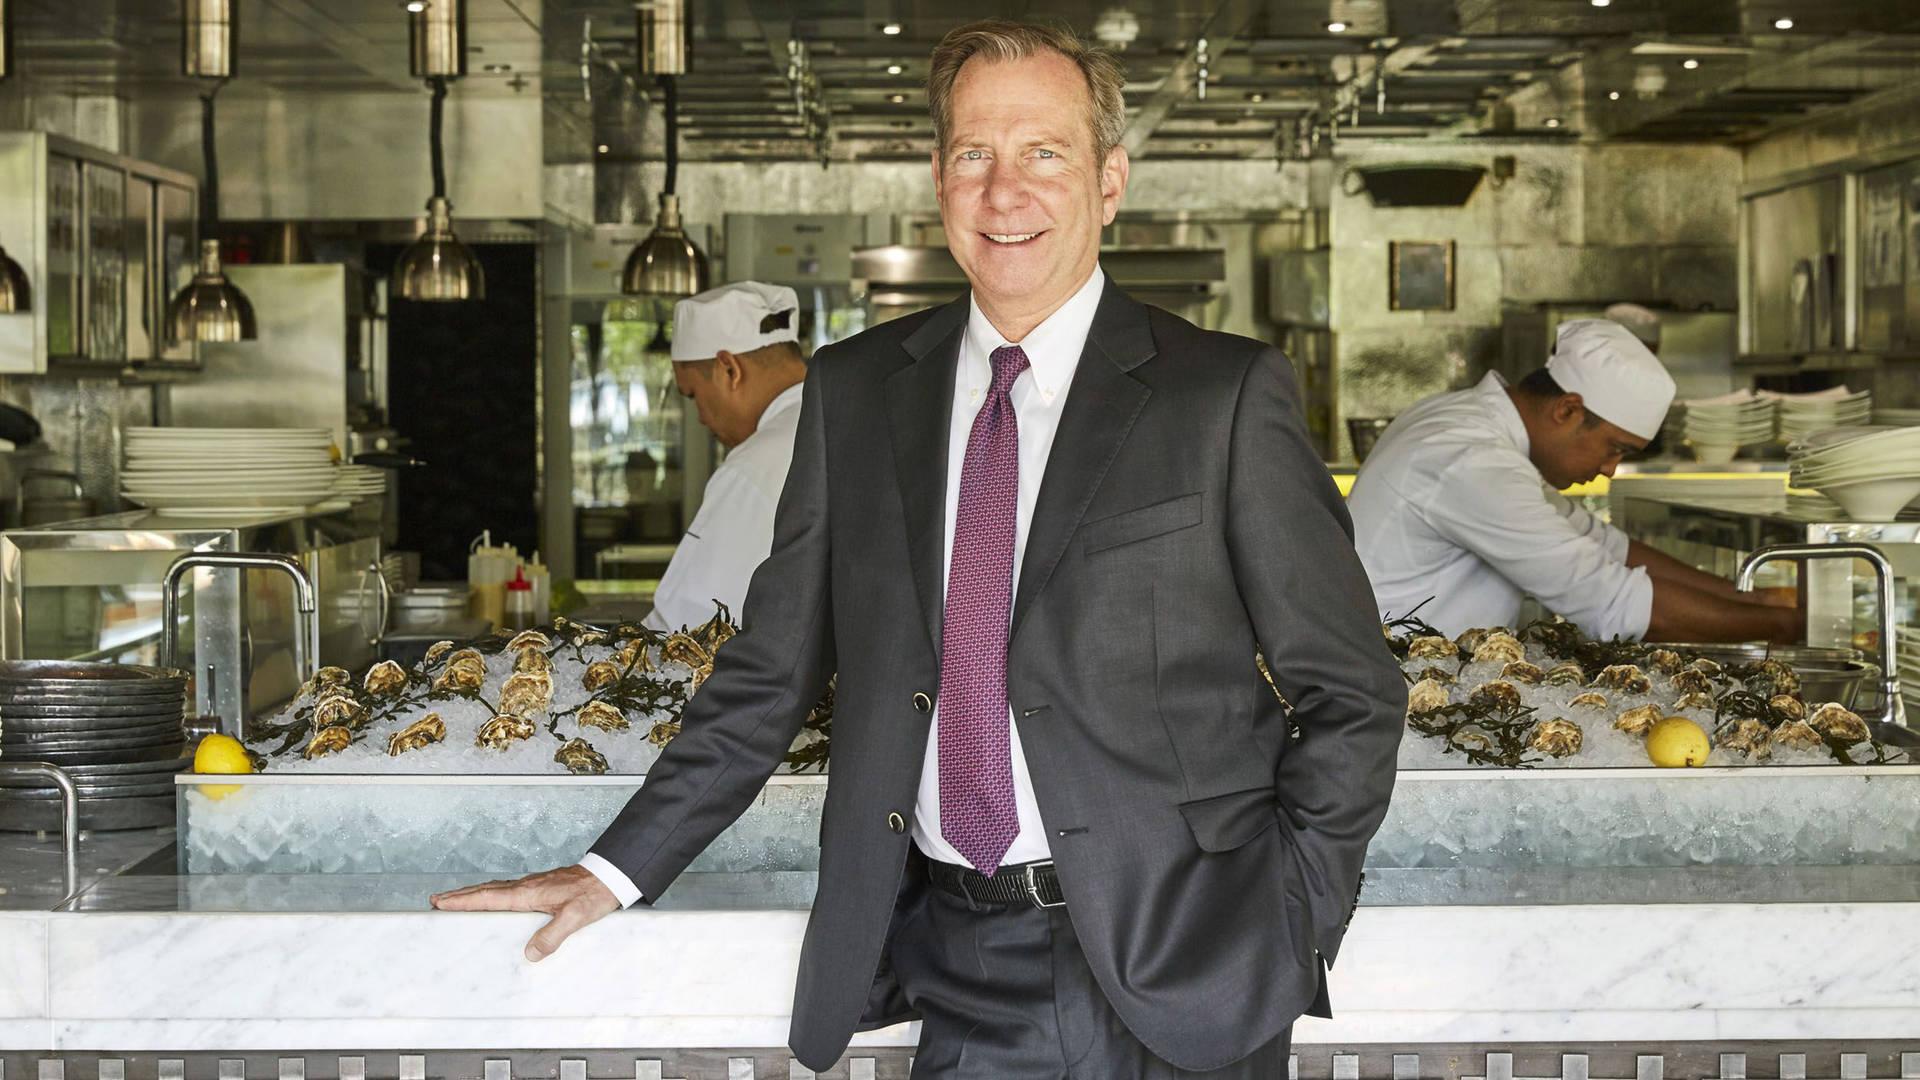 Chief Culinary Officer Michael-Ellis Murrindie